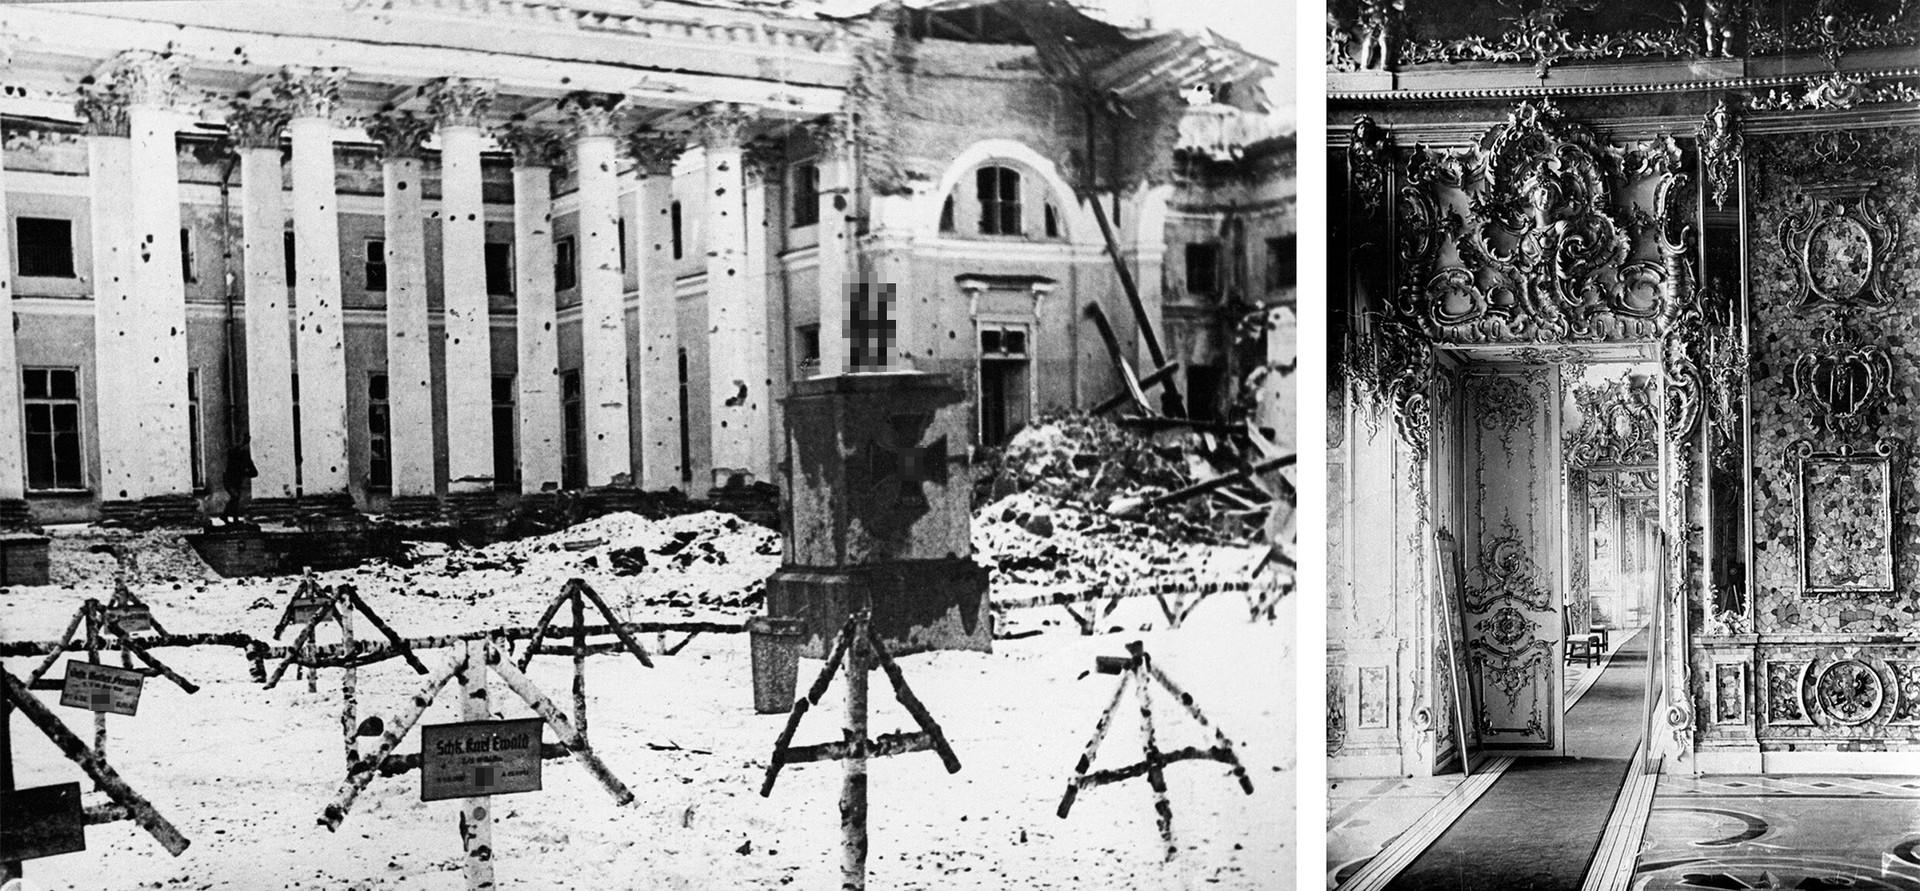 左:プーシキン市がソ連軍によって開放された後。アレクサンドル宮殿。 大祖国戦争(1941-1945)。右;第二次世界対戦前の琥珀の間。